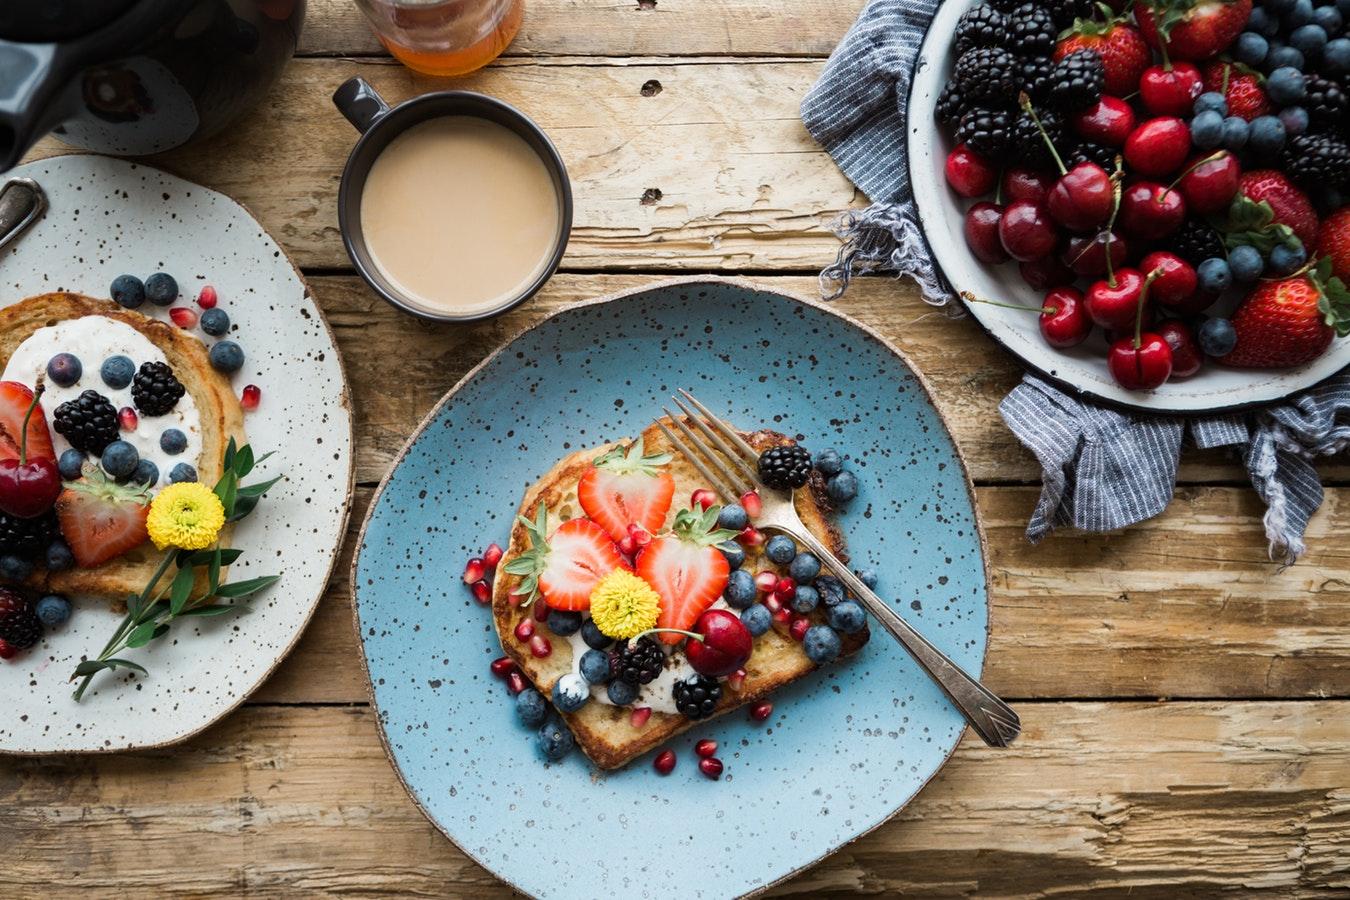 Alimentazione equilibrata estiva: esempi e consigli